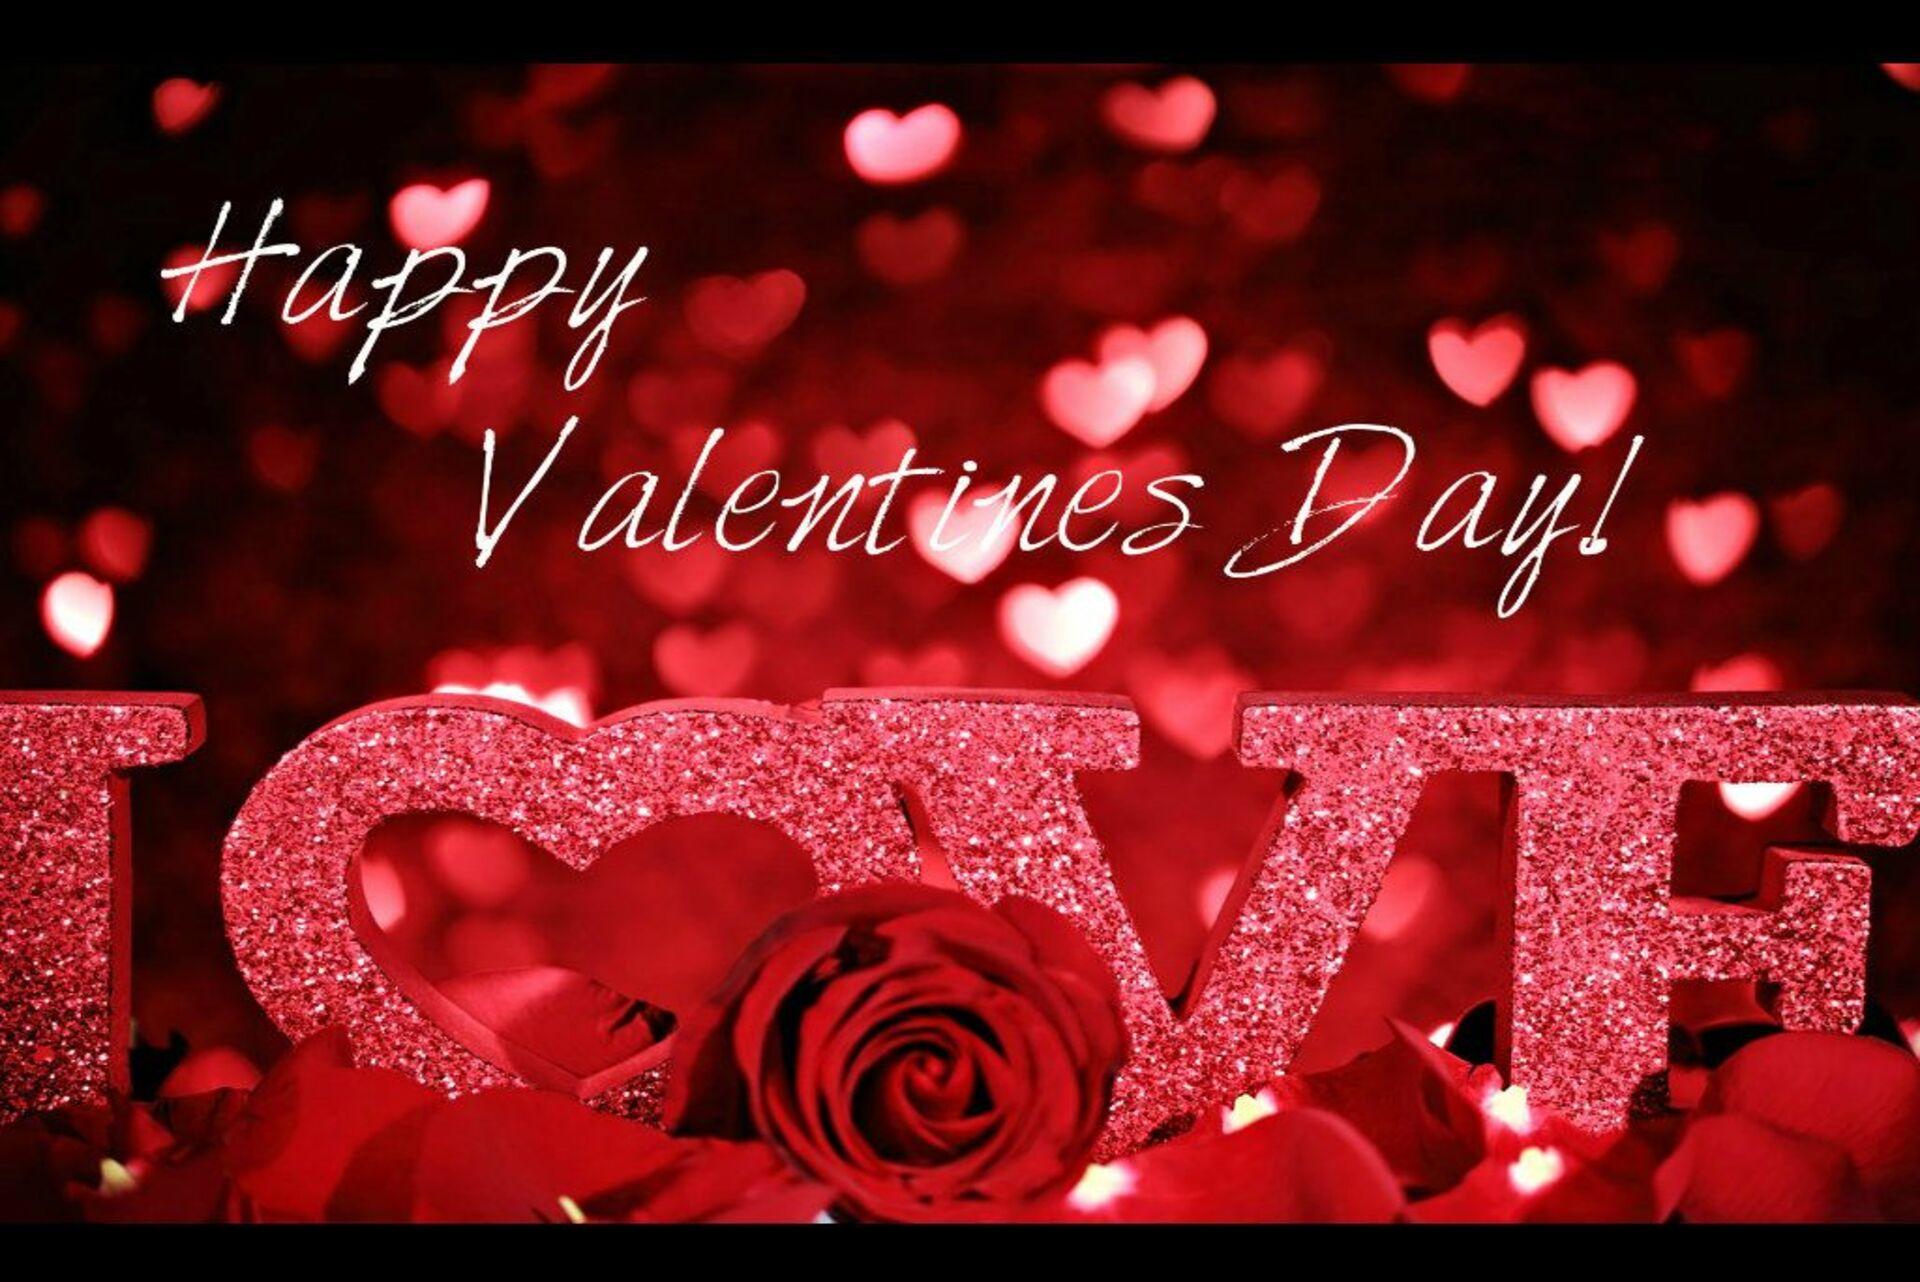 organiser une Saint-Valentin en plein couvre-feu